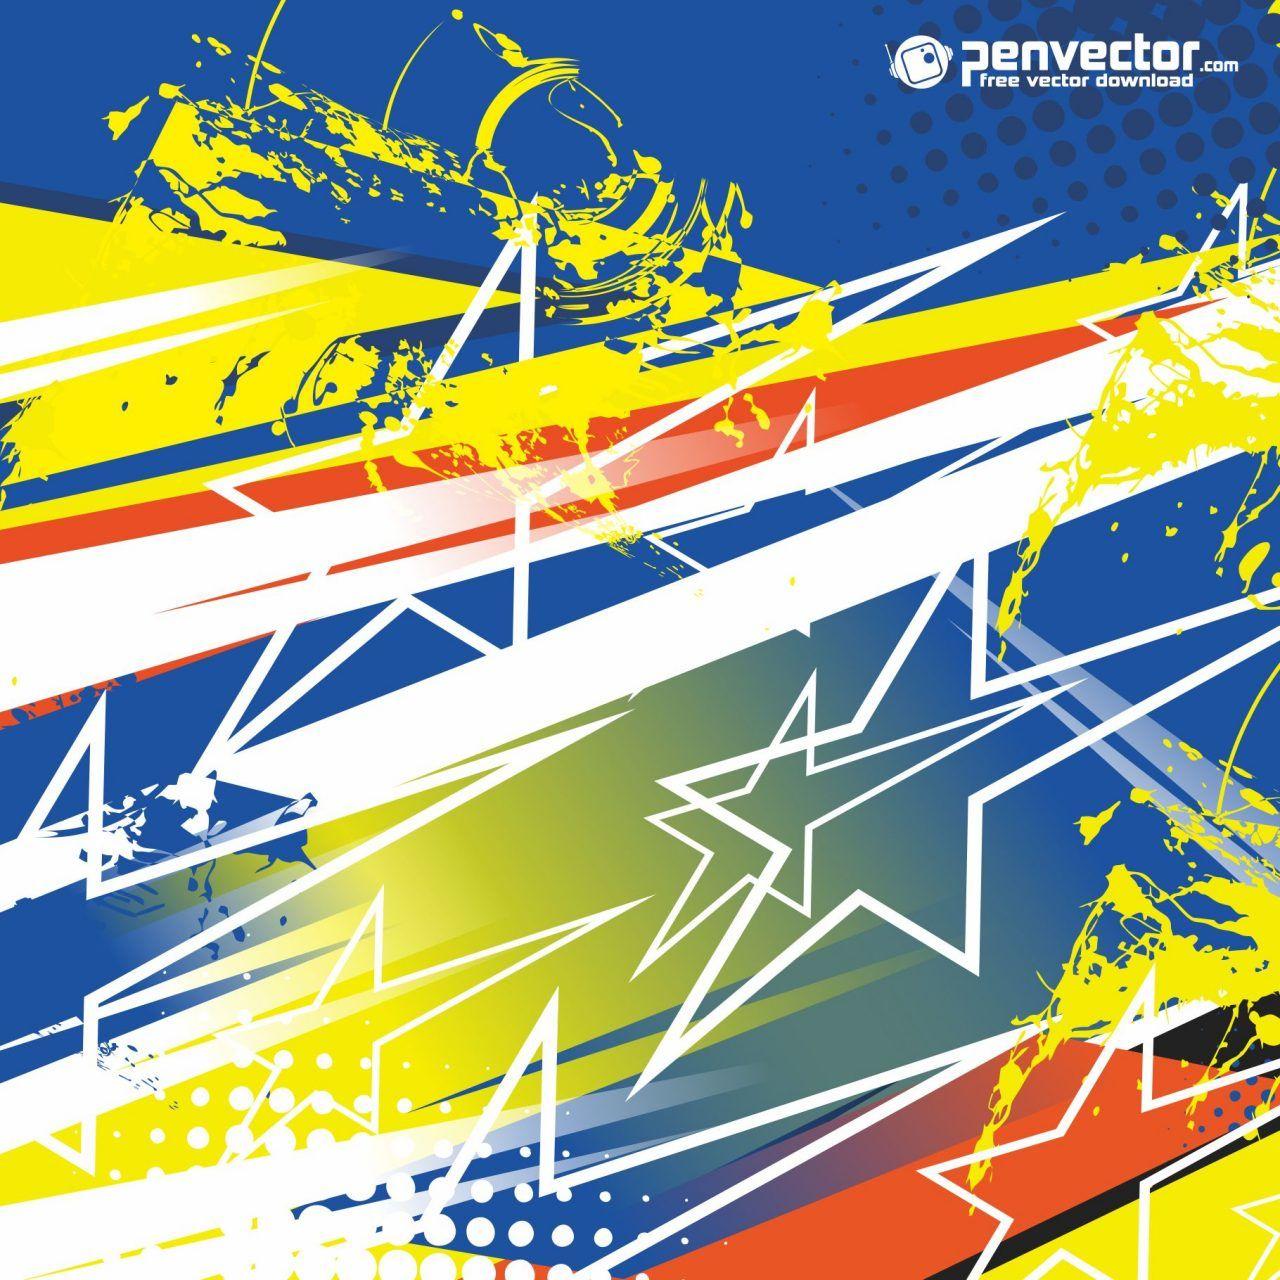 Racing Stripe Streak Abstract Background Free Vector Di 2020 Abstrak Inspirasi Desain Grafis Gambar